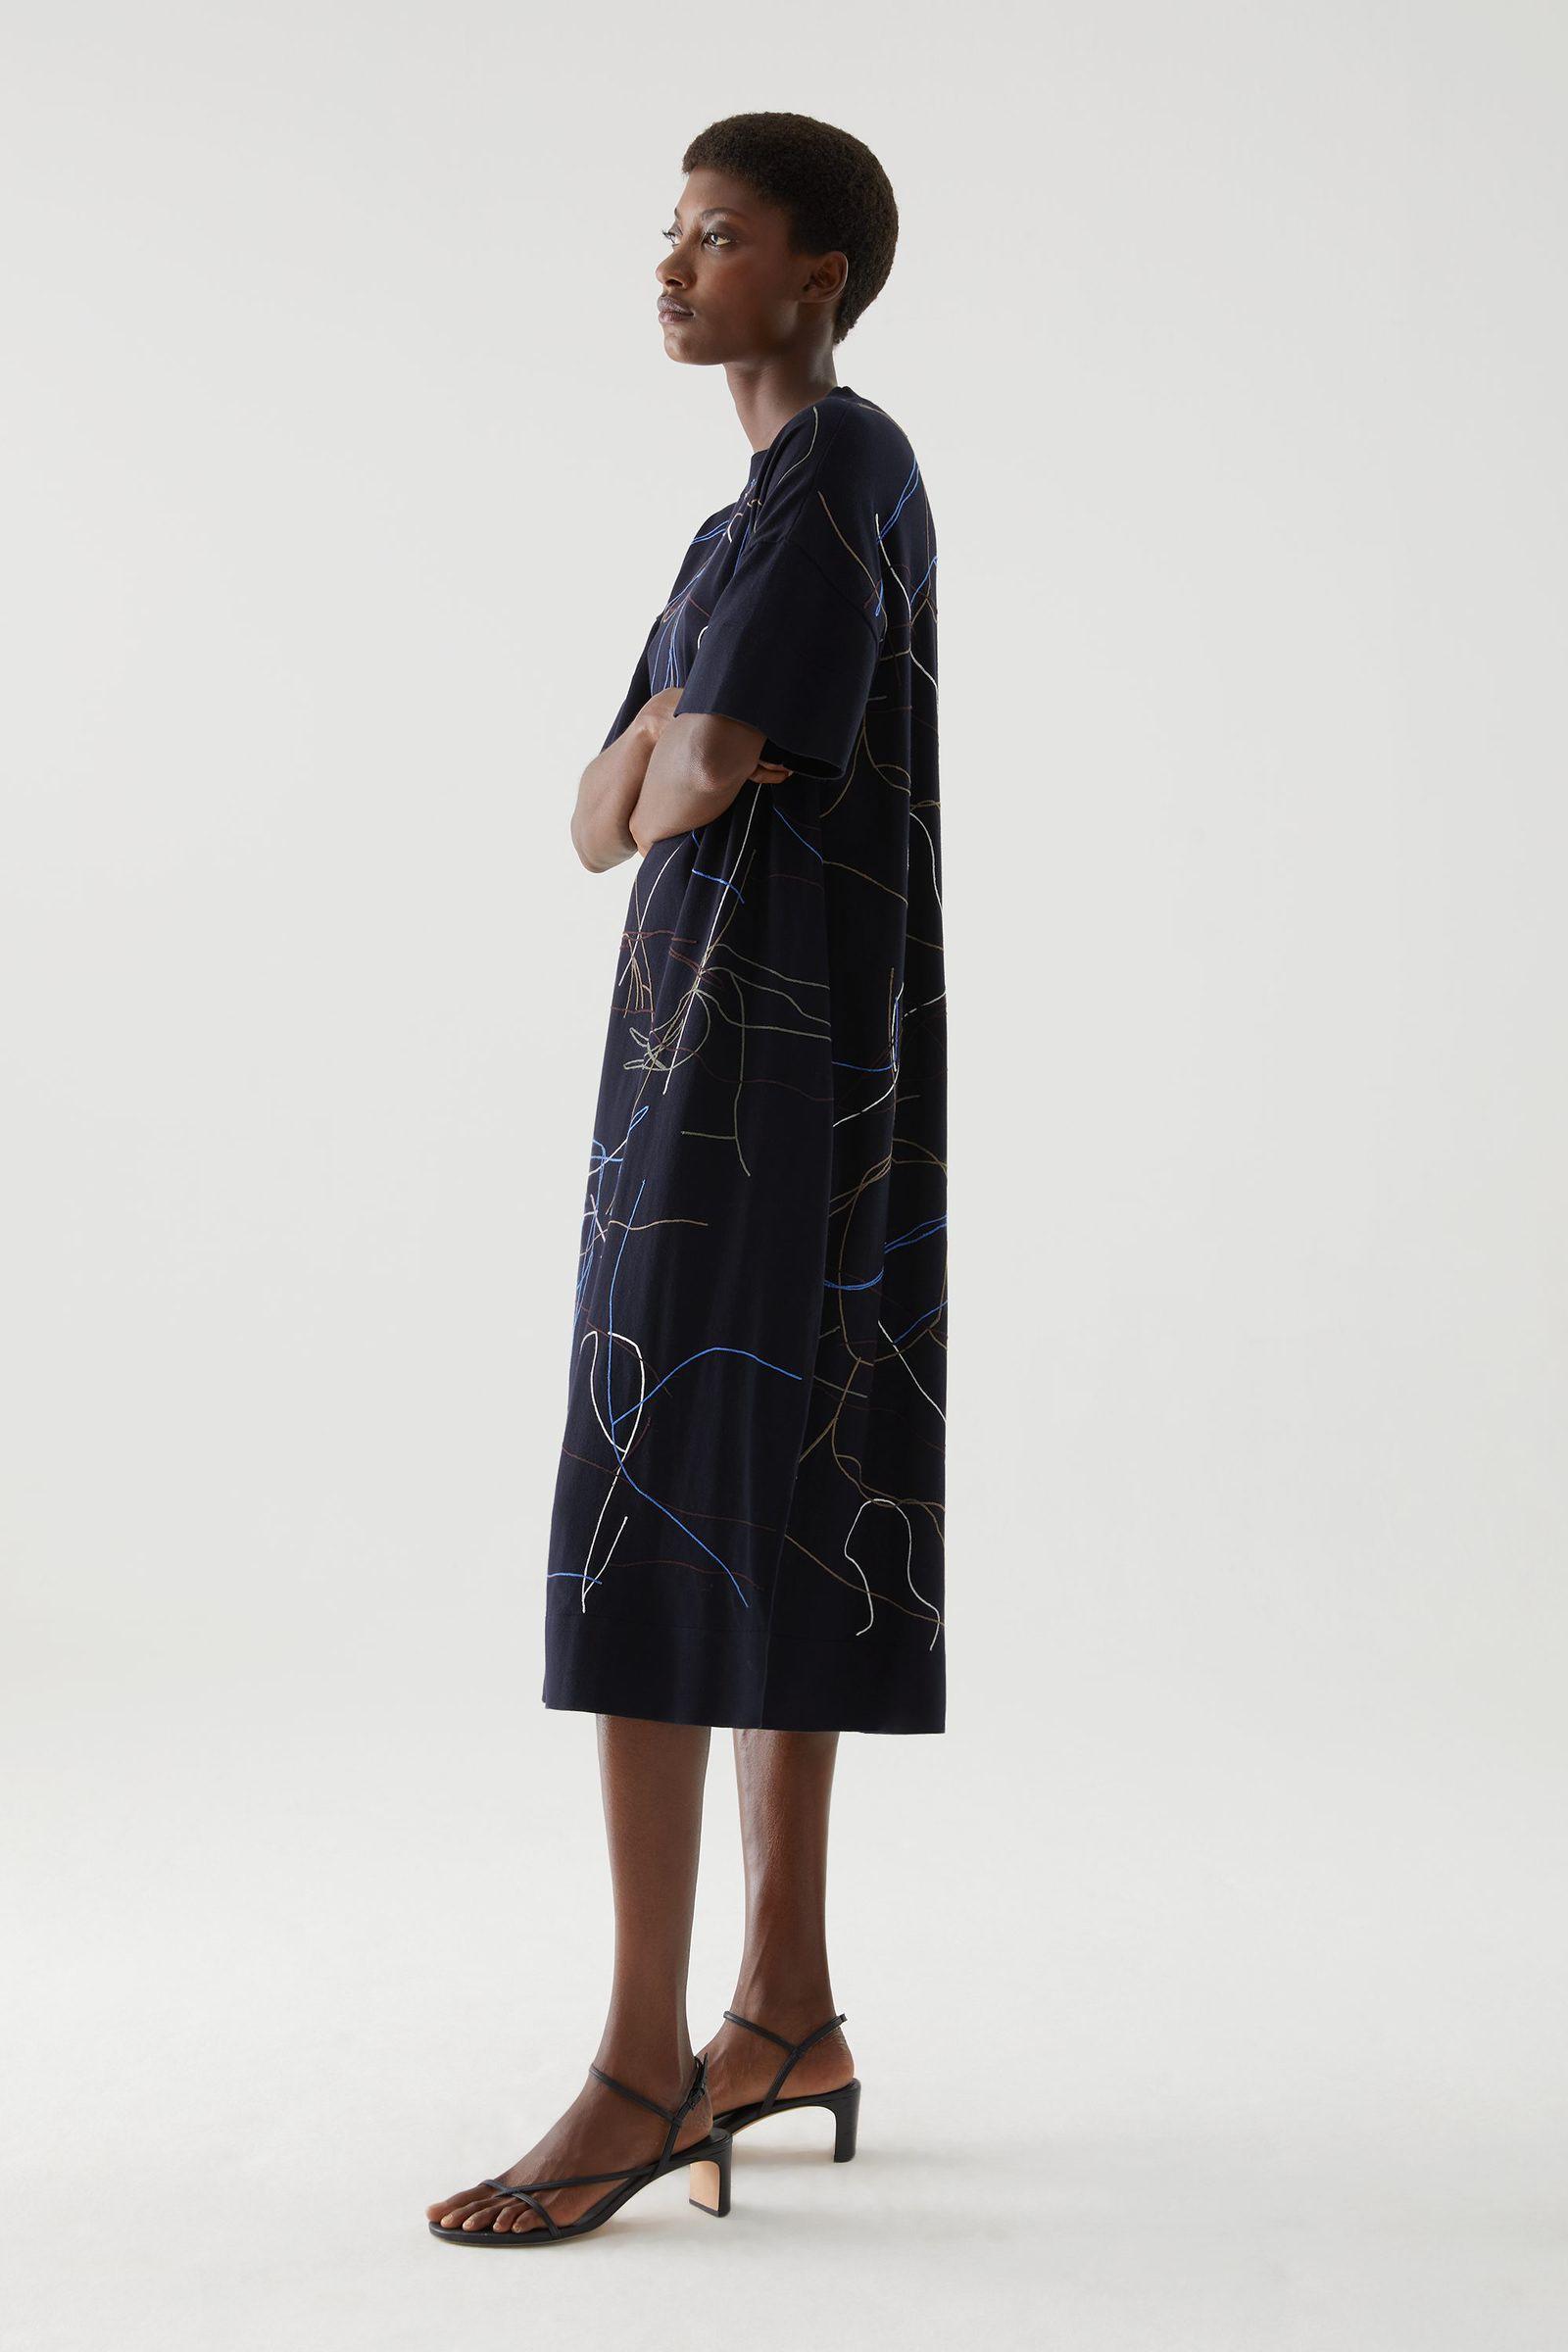 COS 오가닉 코튼 앱스트랙트 스티치 디테일 드레스의 네이비 / 멀티컬러컬러 ECOMLook입니다.